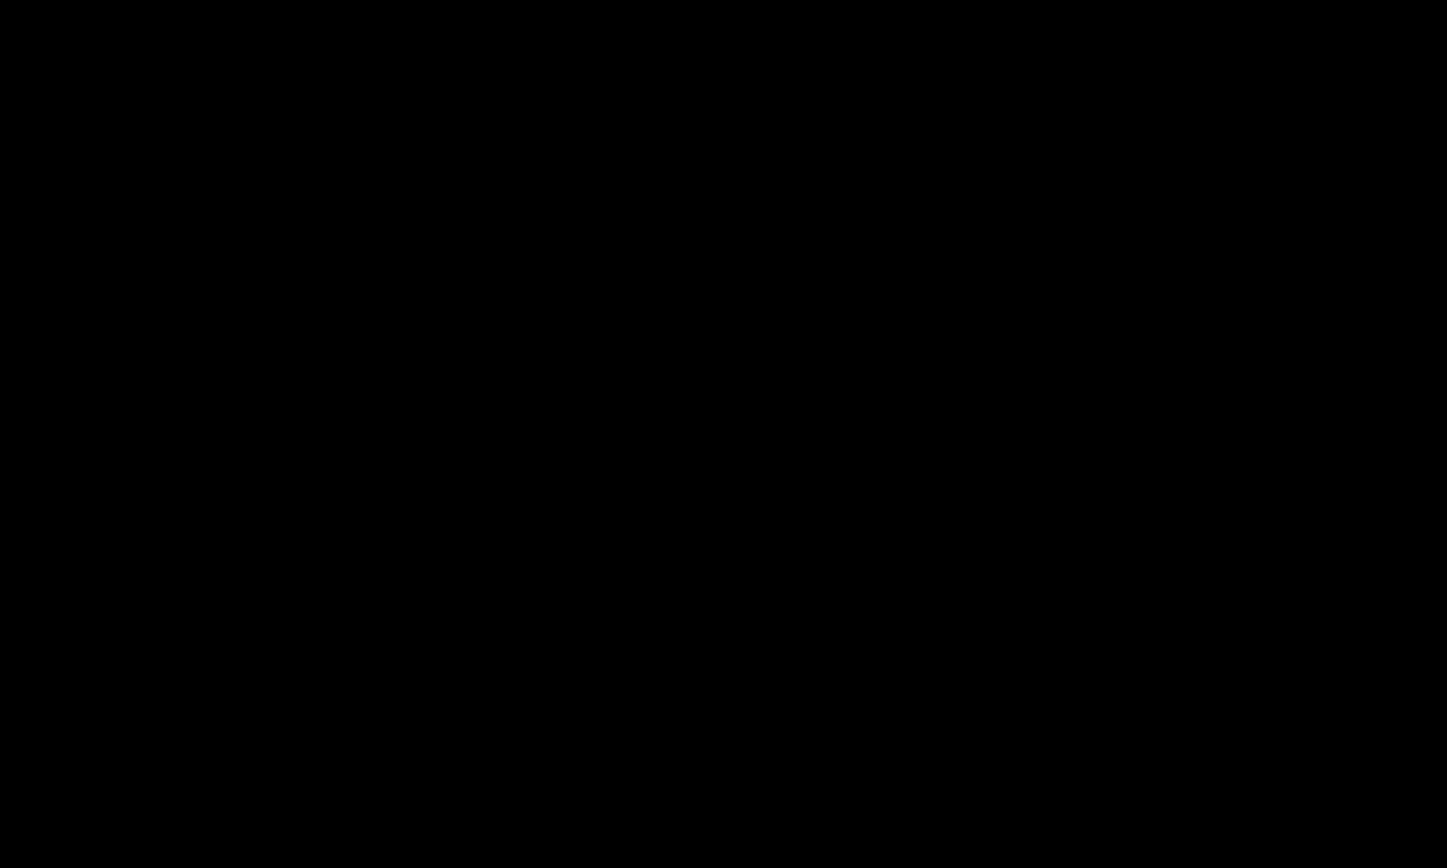 MAL-dPEG®₄-Lys(TFA-)-NH-m-dPEG®₂₄